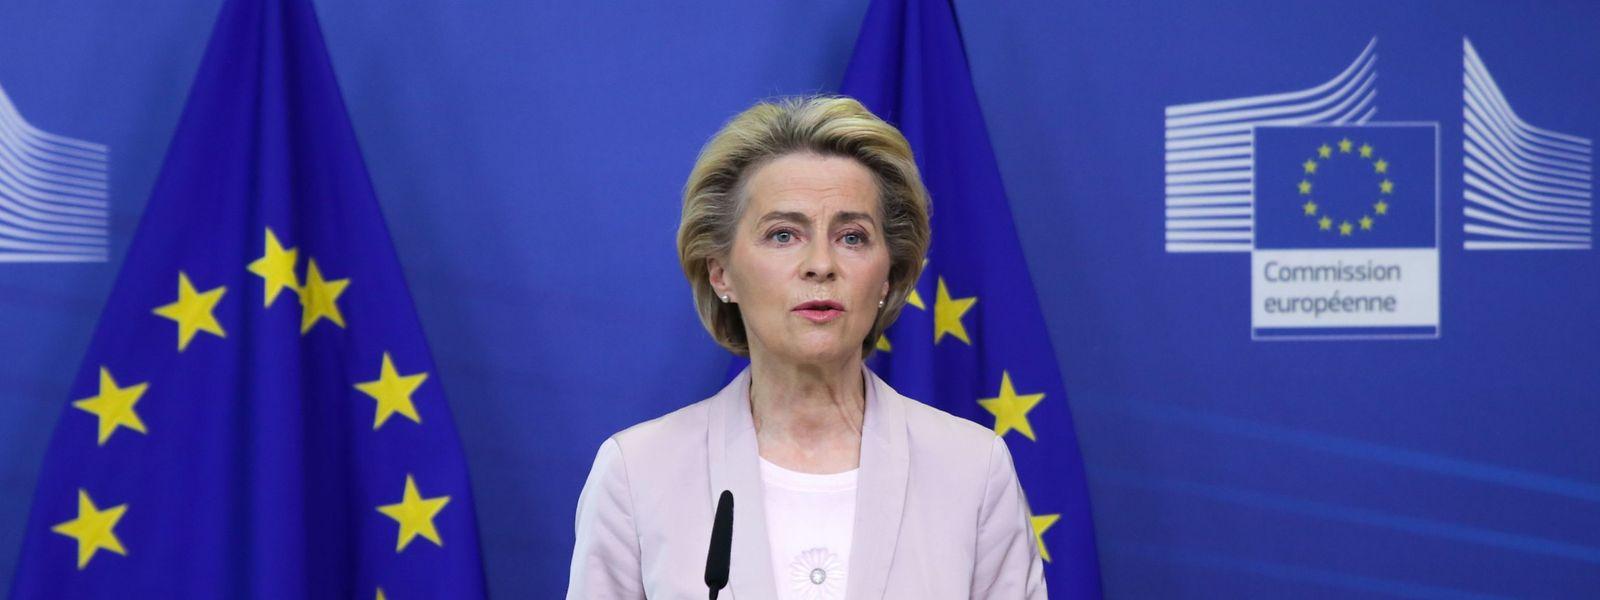 EU-Kommissionspräsidentin Ursula von der Leyen kündigte am Donnerstag in Brüssel an, dass die Europäische Union im Brexit-Streit rechtliche Schritte gegen Großbritannien wegen Verletzung des EU-Austrittsvertrags einleitet.